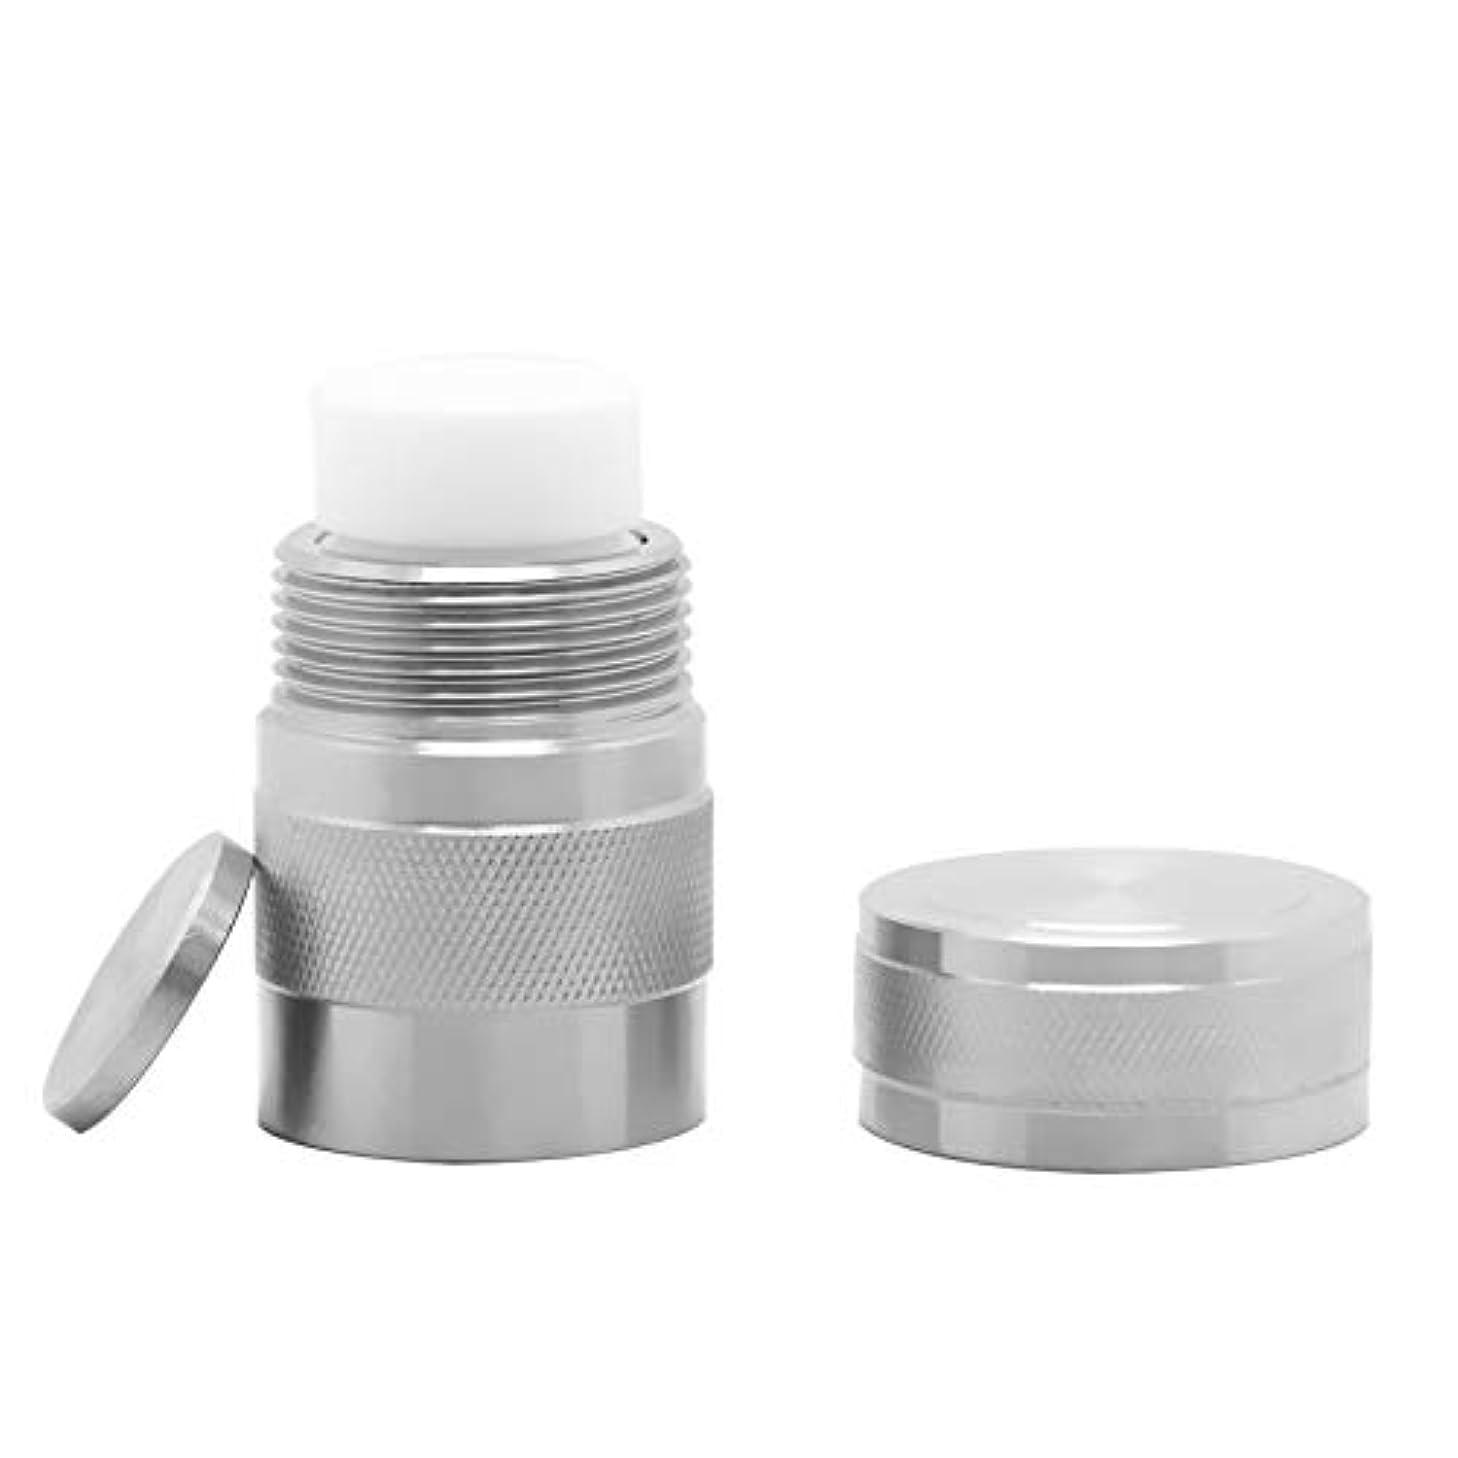 冷笑する劇的害虫Huanyu 100ml 高圧反応器 小型オートクレーブ 240℃ 6MPa 304ステンレス PTFE内殻 反応容器 水熱合成 強酸/有機溶剤/不溶性物質など反応用